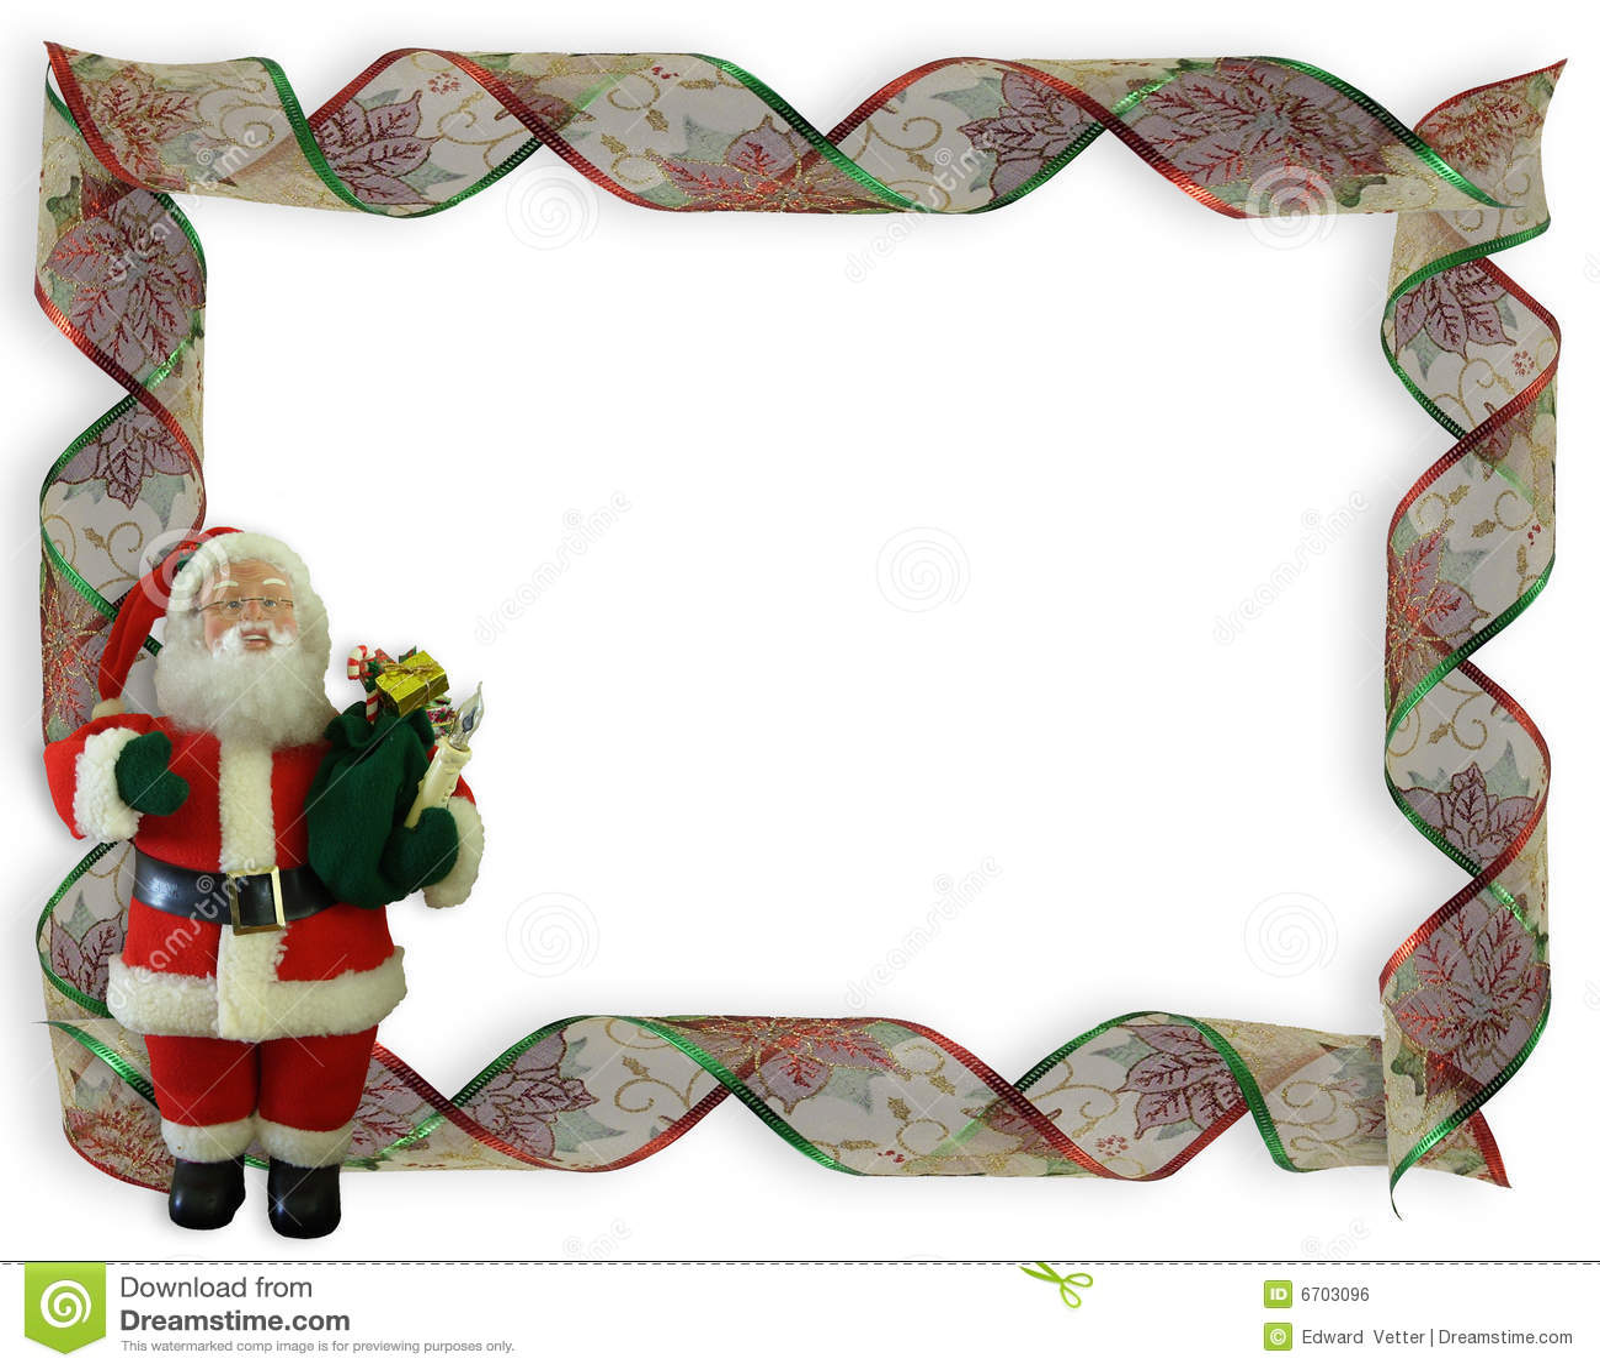 Christmas Border Ribbons And Santa Royalty Free Stock